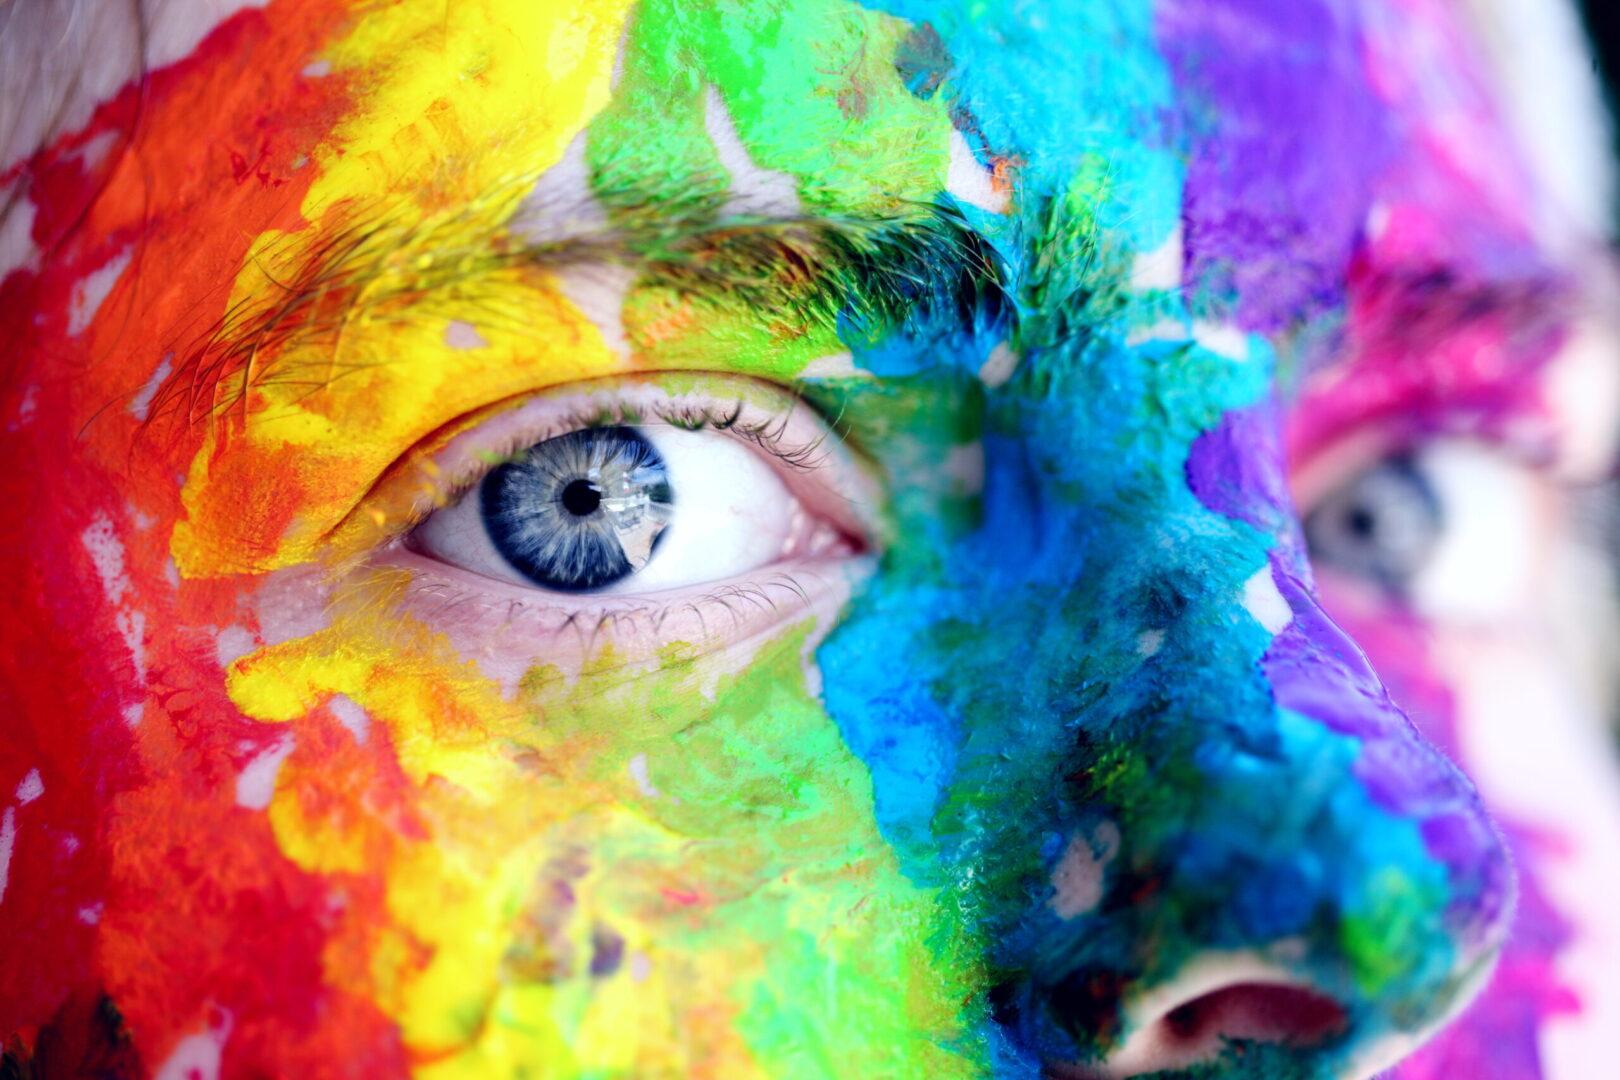 Η συναισθηματική νοημοσύνη στον αστρολογικό χάρτη